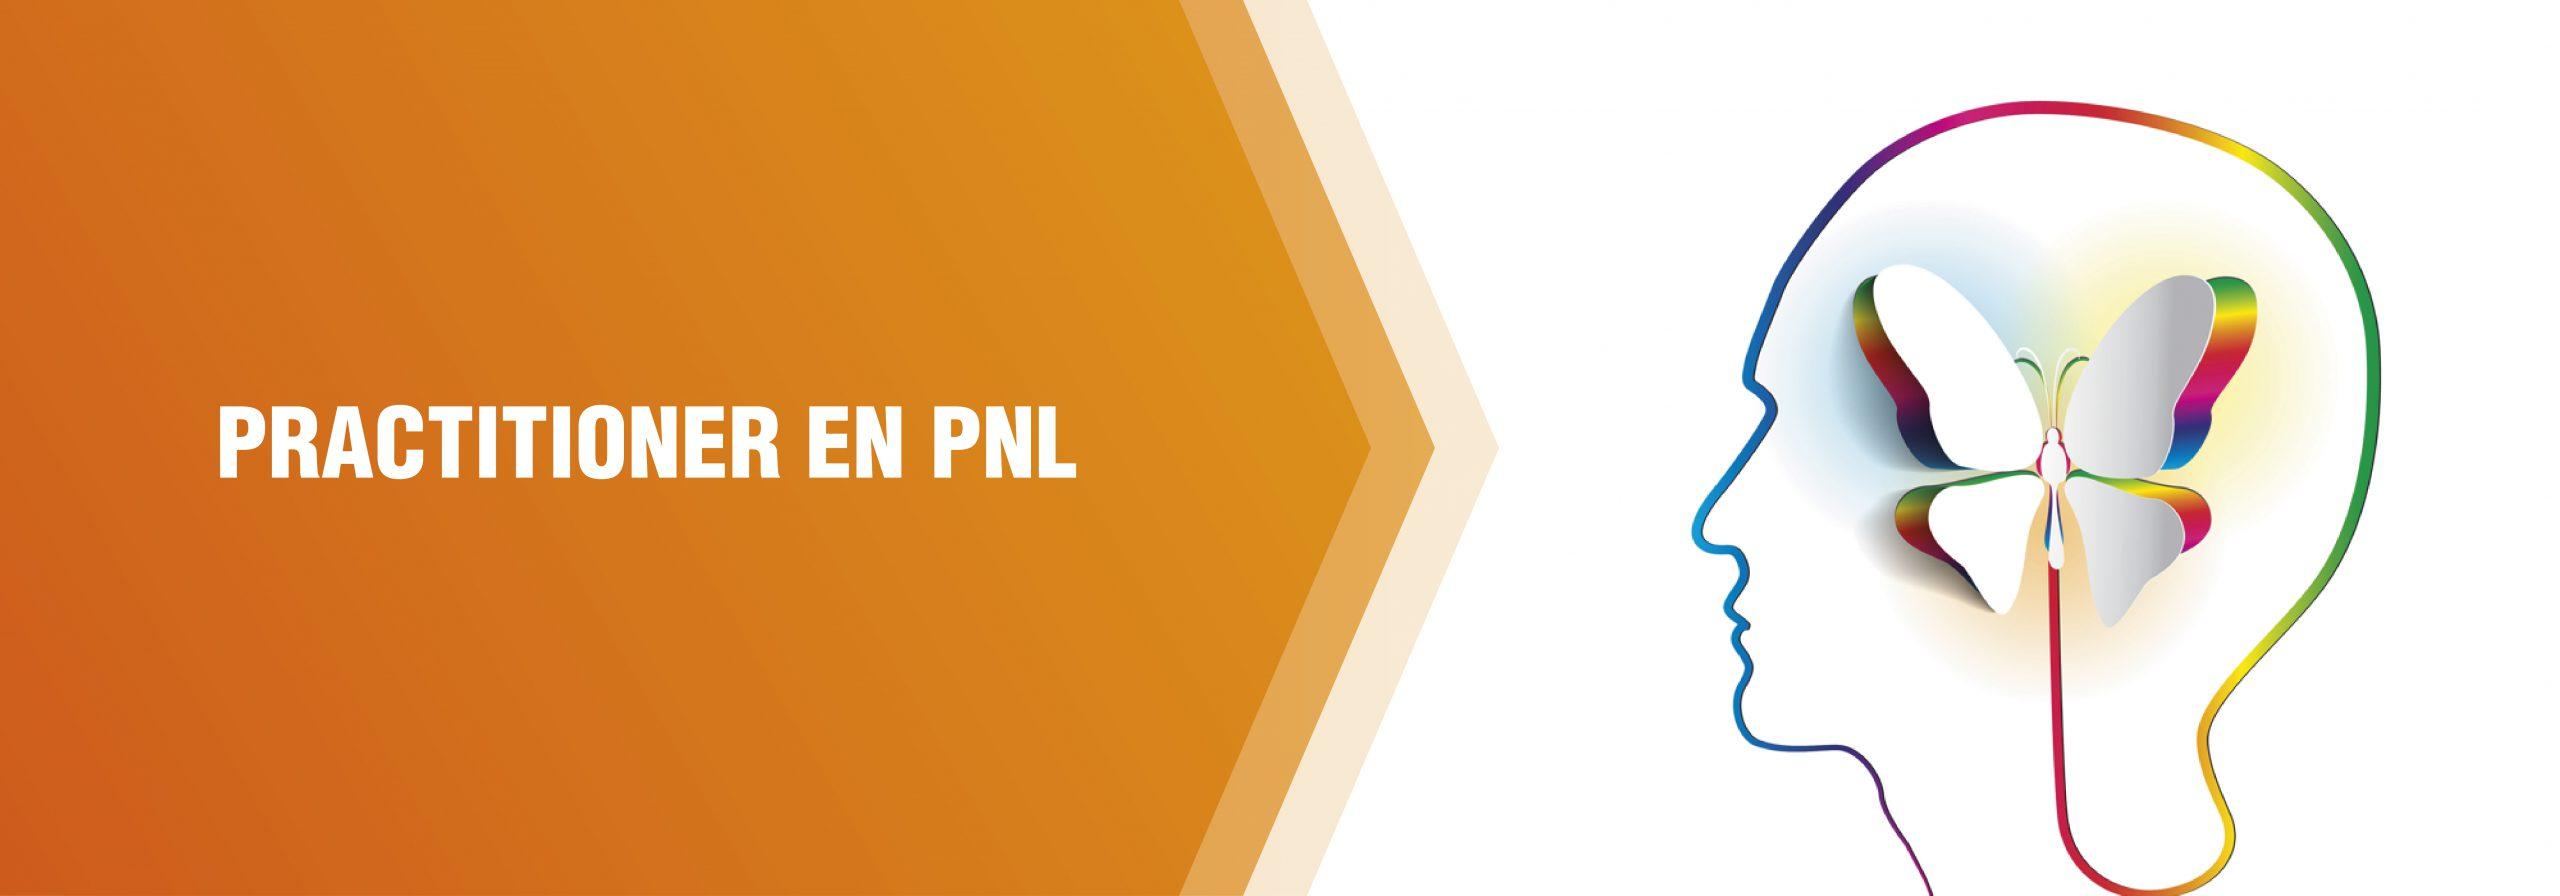 PRACTITIONER EN PNL: Programación Neurolingüística